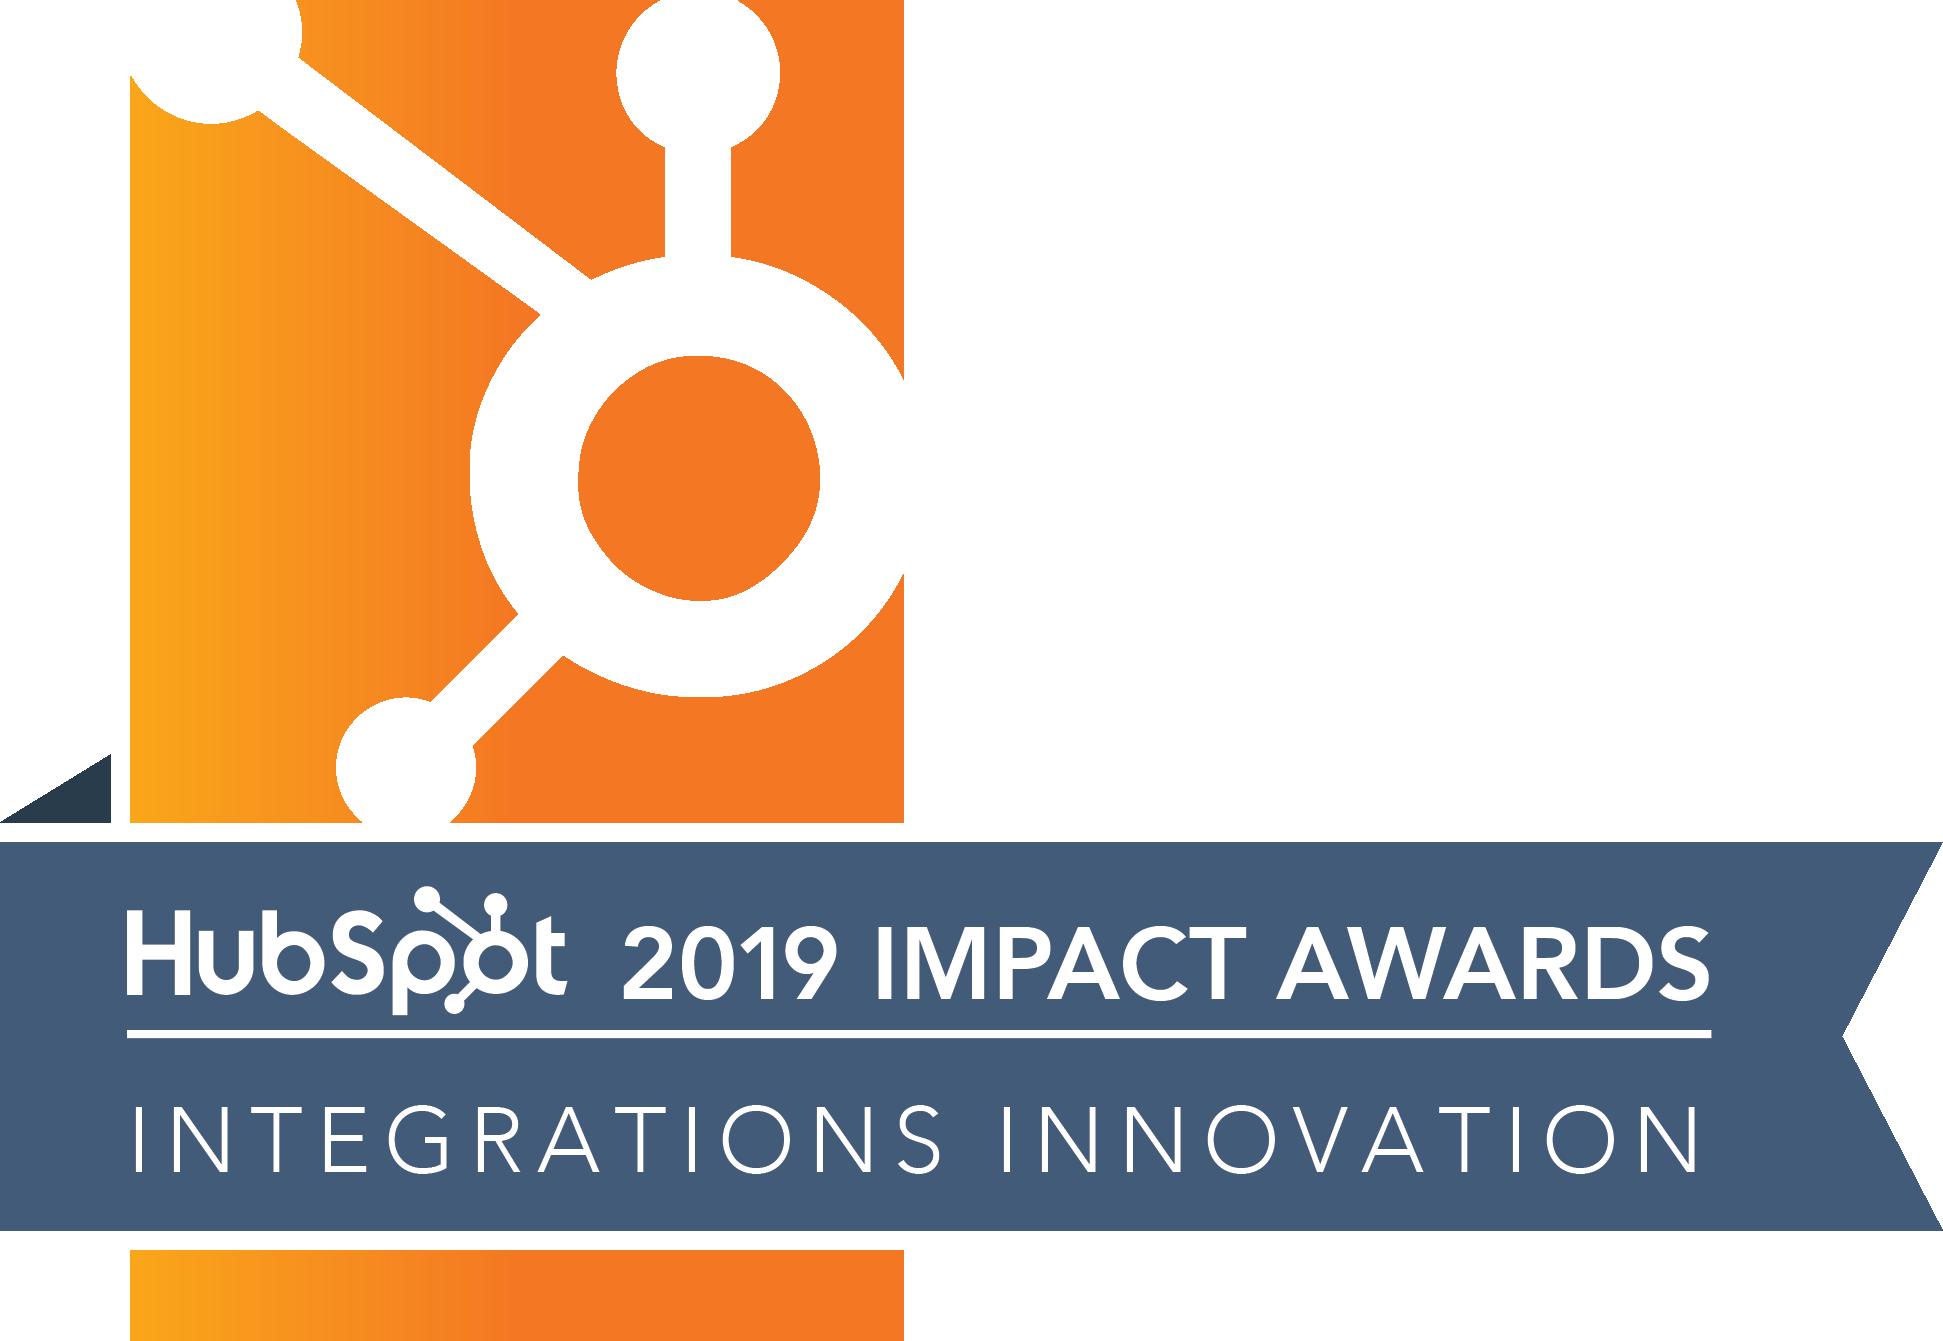 2019 Integrations Innovation Award Winner